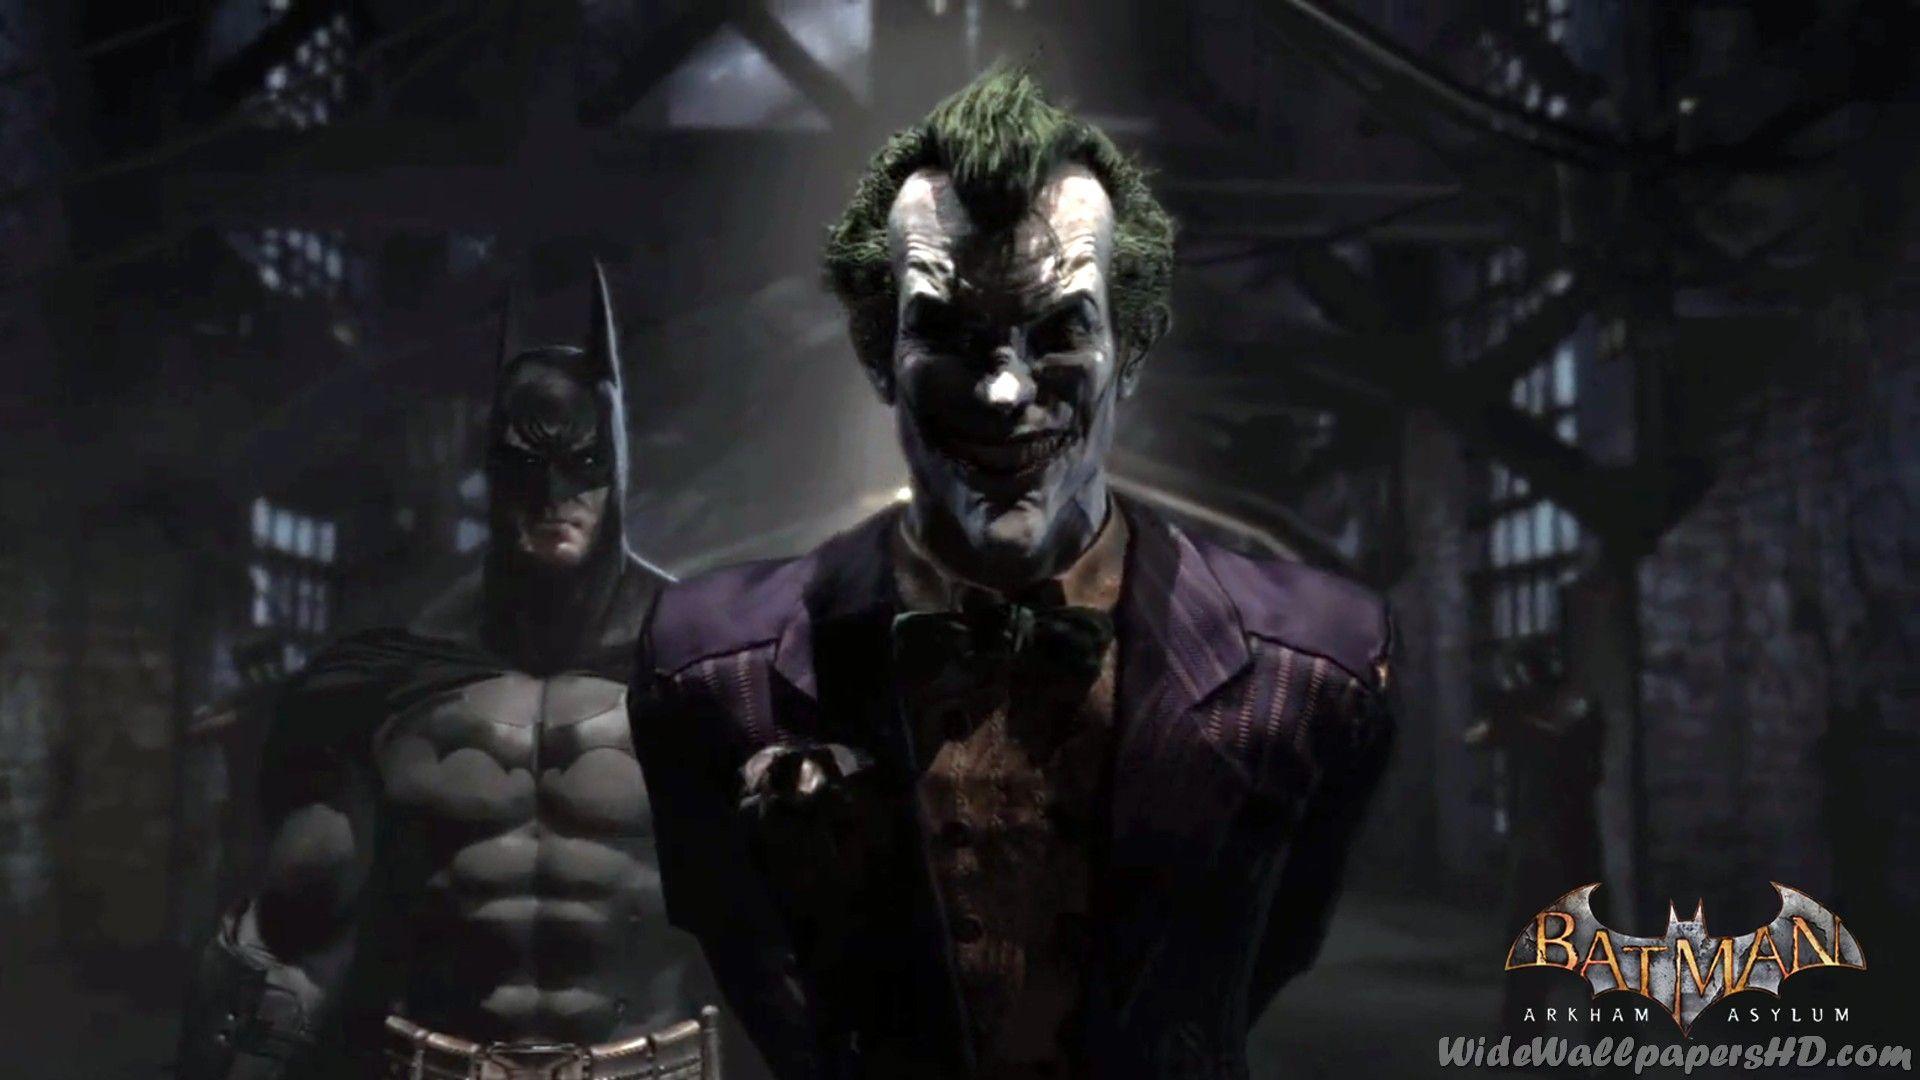 Joker Wallpapers Arkham Asylum Wallpaper Cave